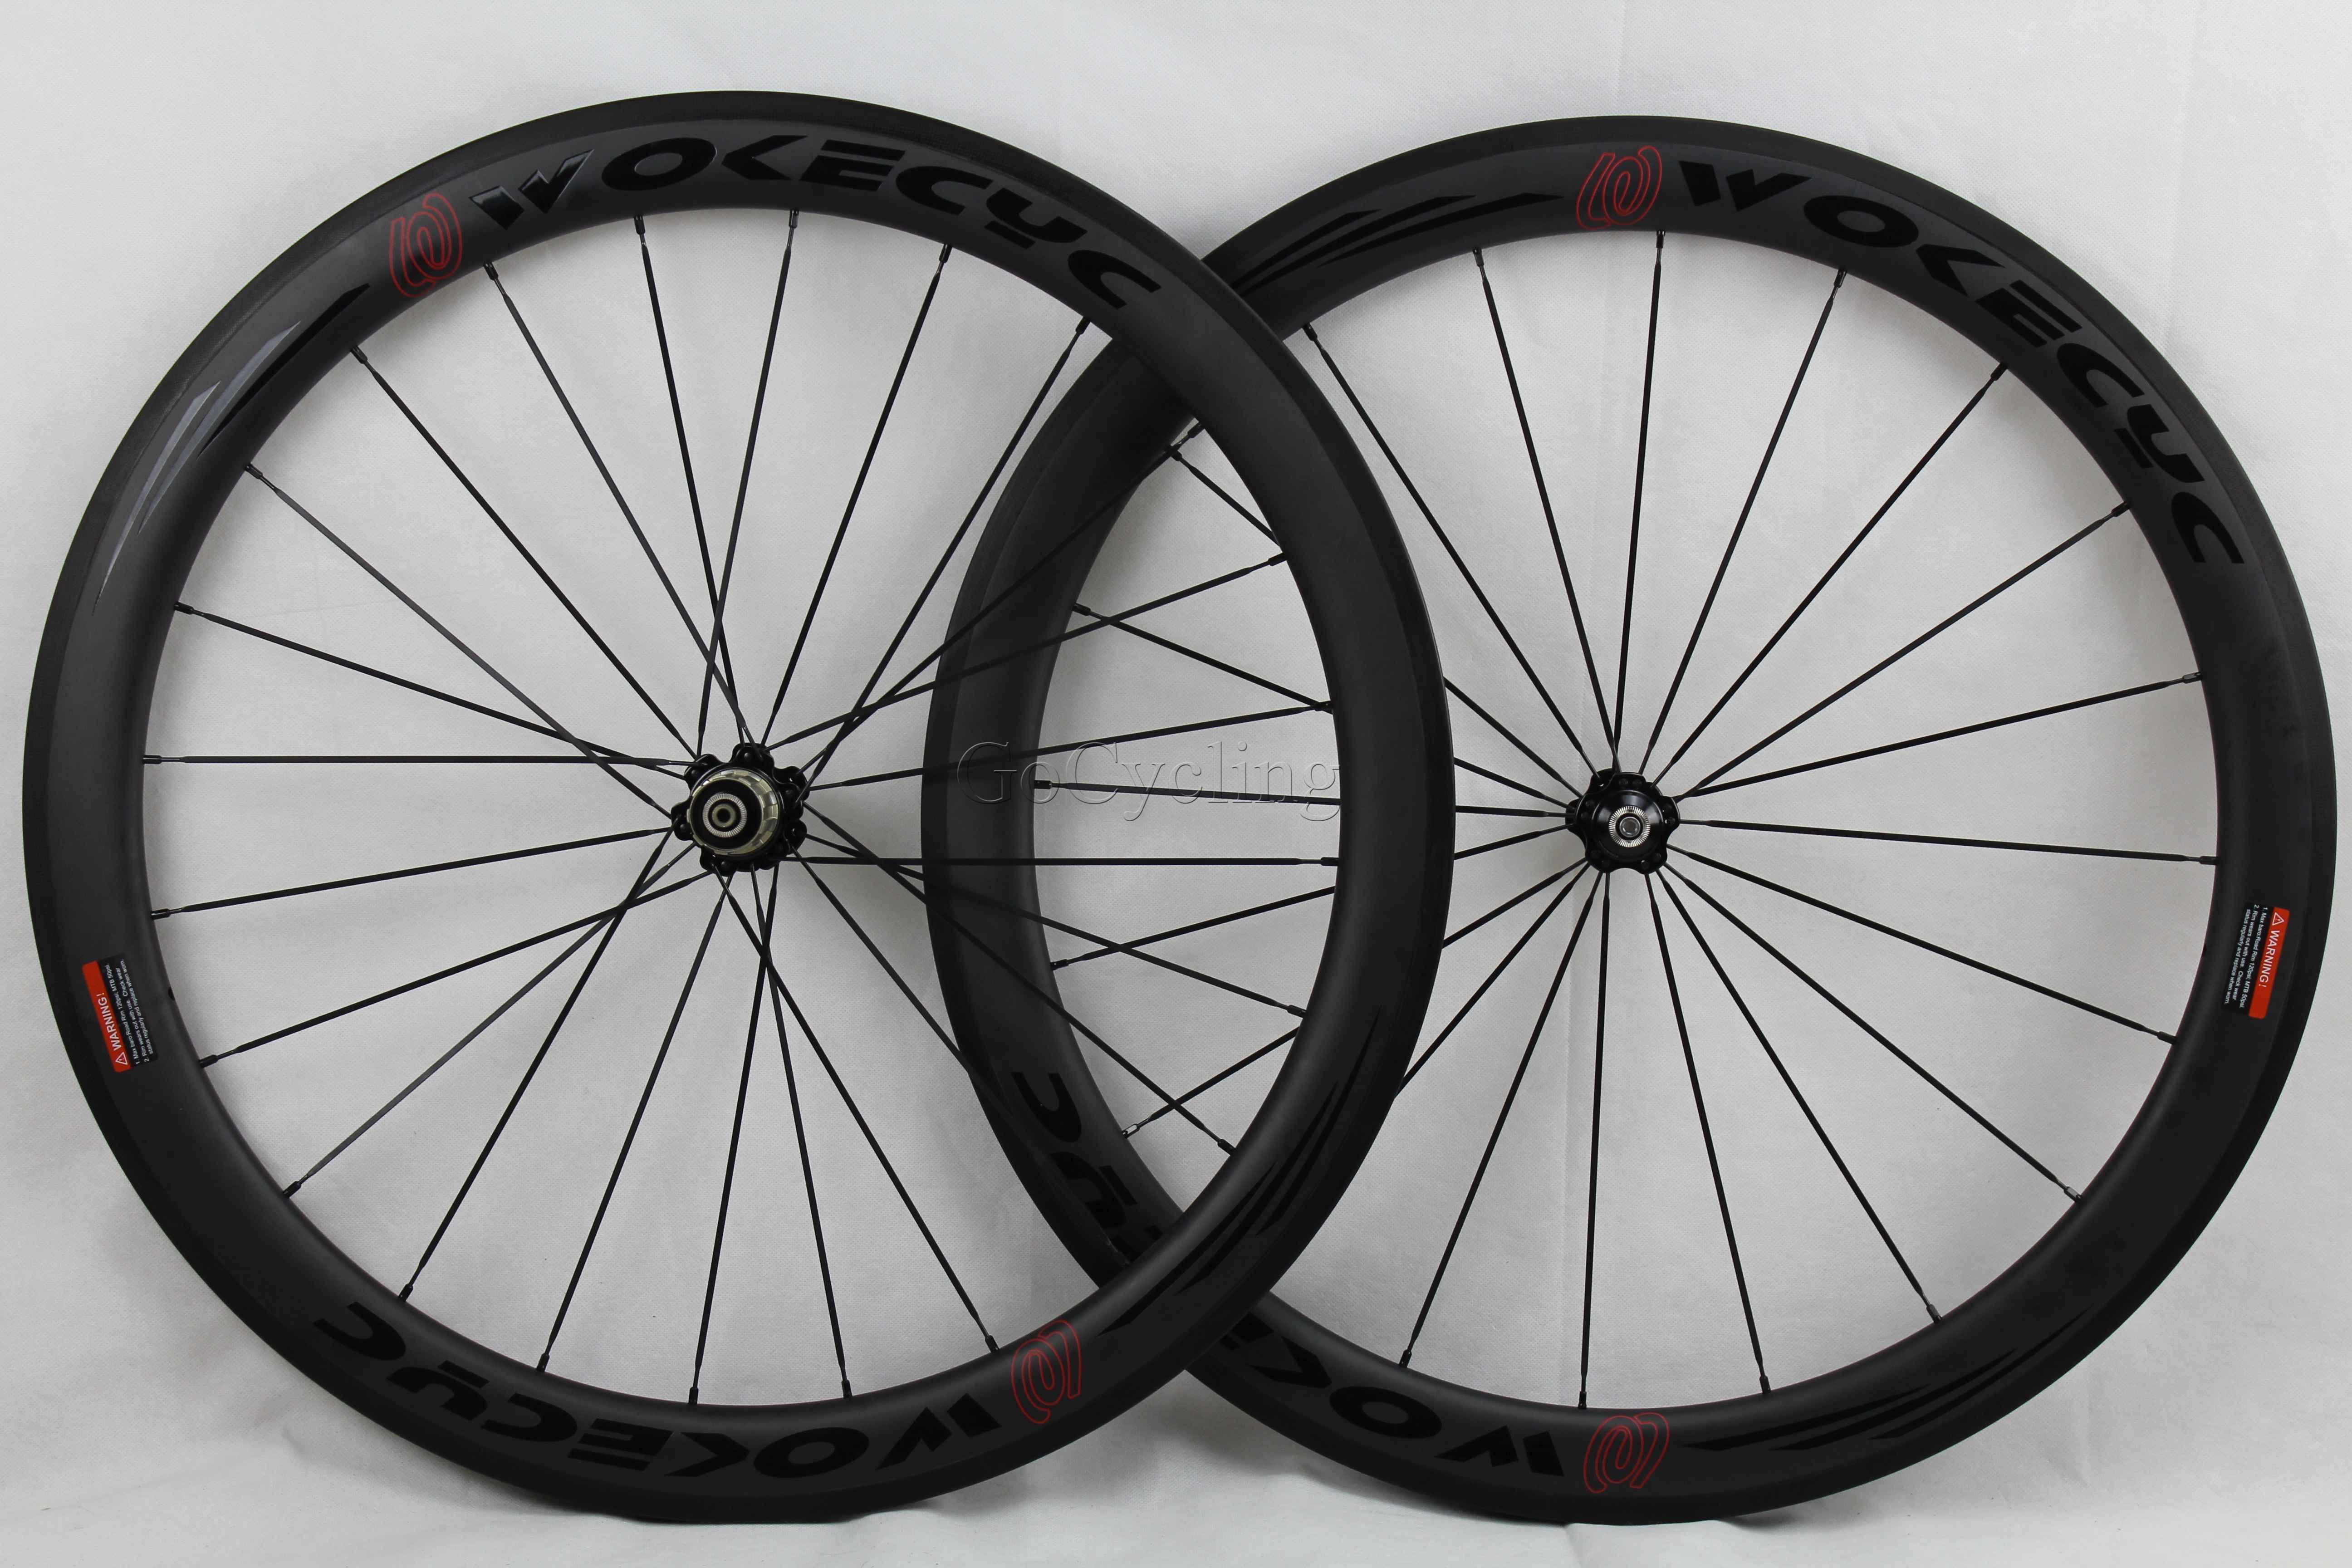 powerway R36 концентратор углерода велосипед дорожные колеса черные наклейки базальтовая тормозная поверхность 50 мм клинчер трубчатые велоспорт велосипед колесная пара 700C